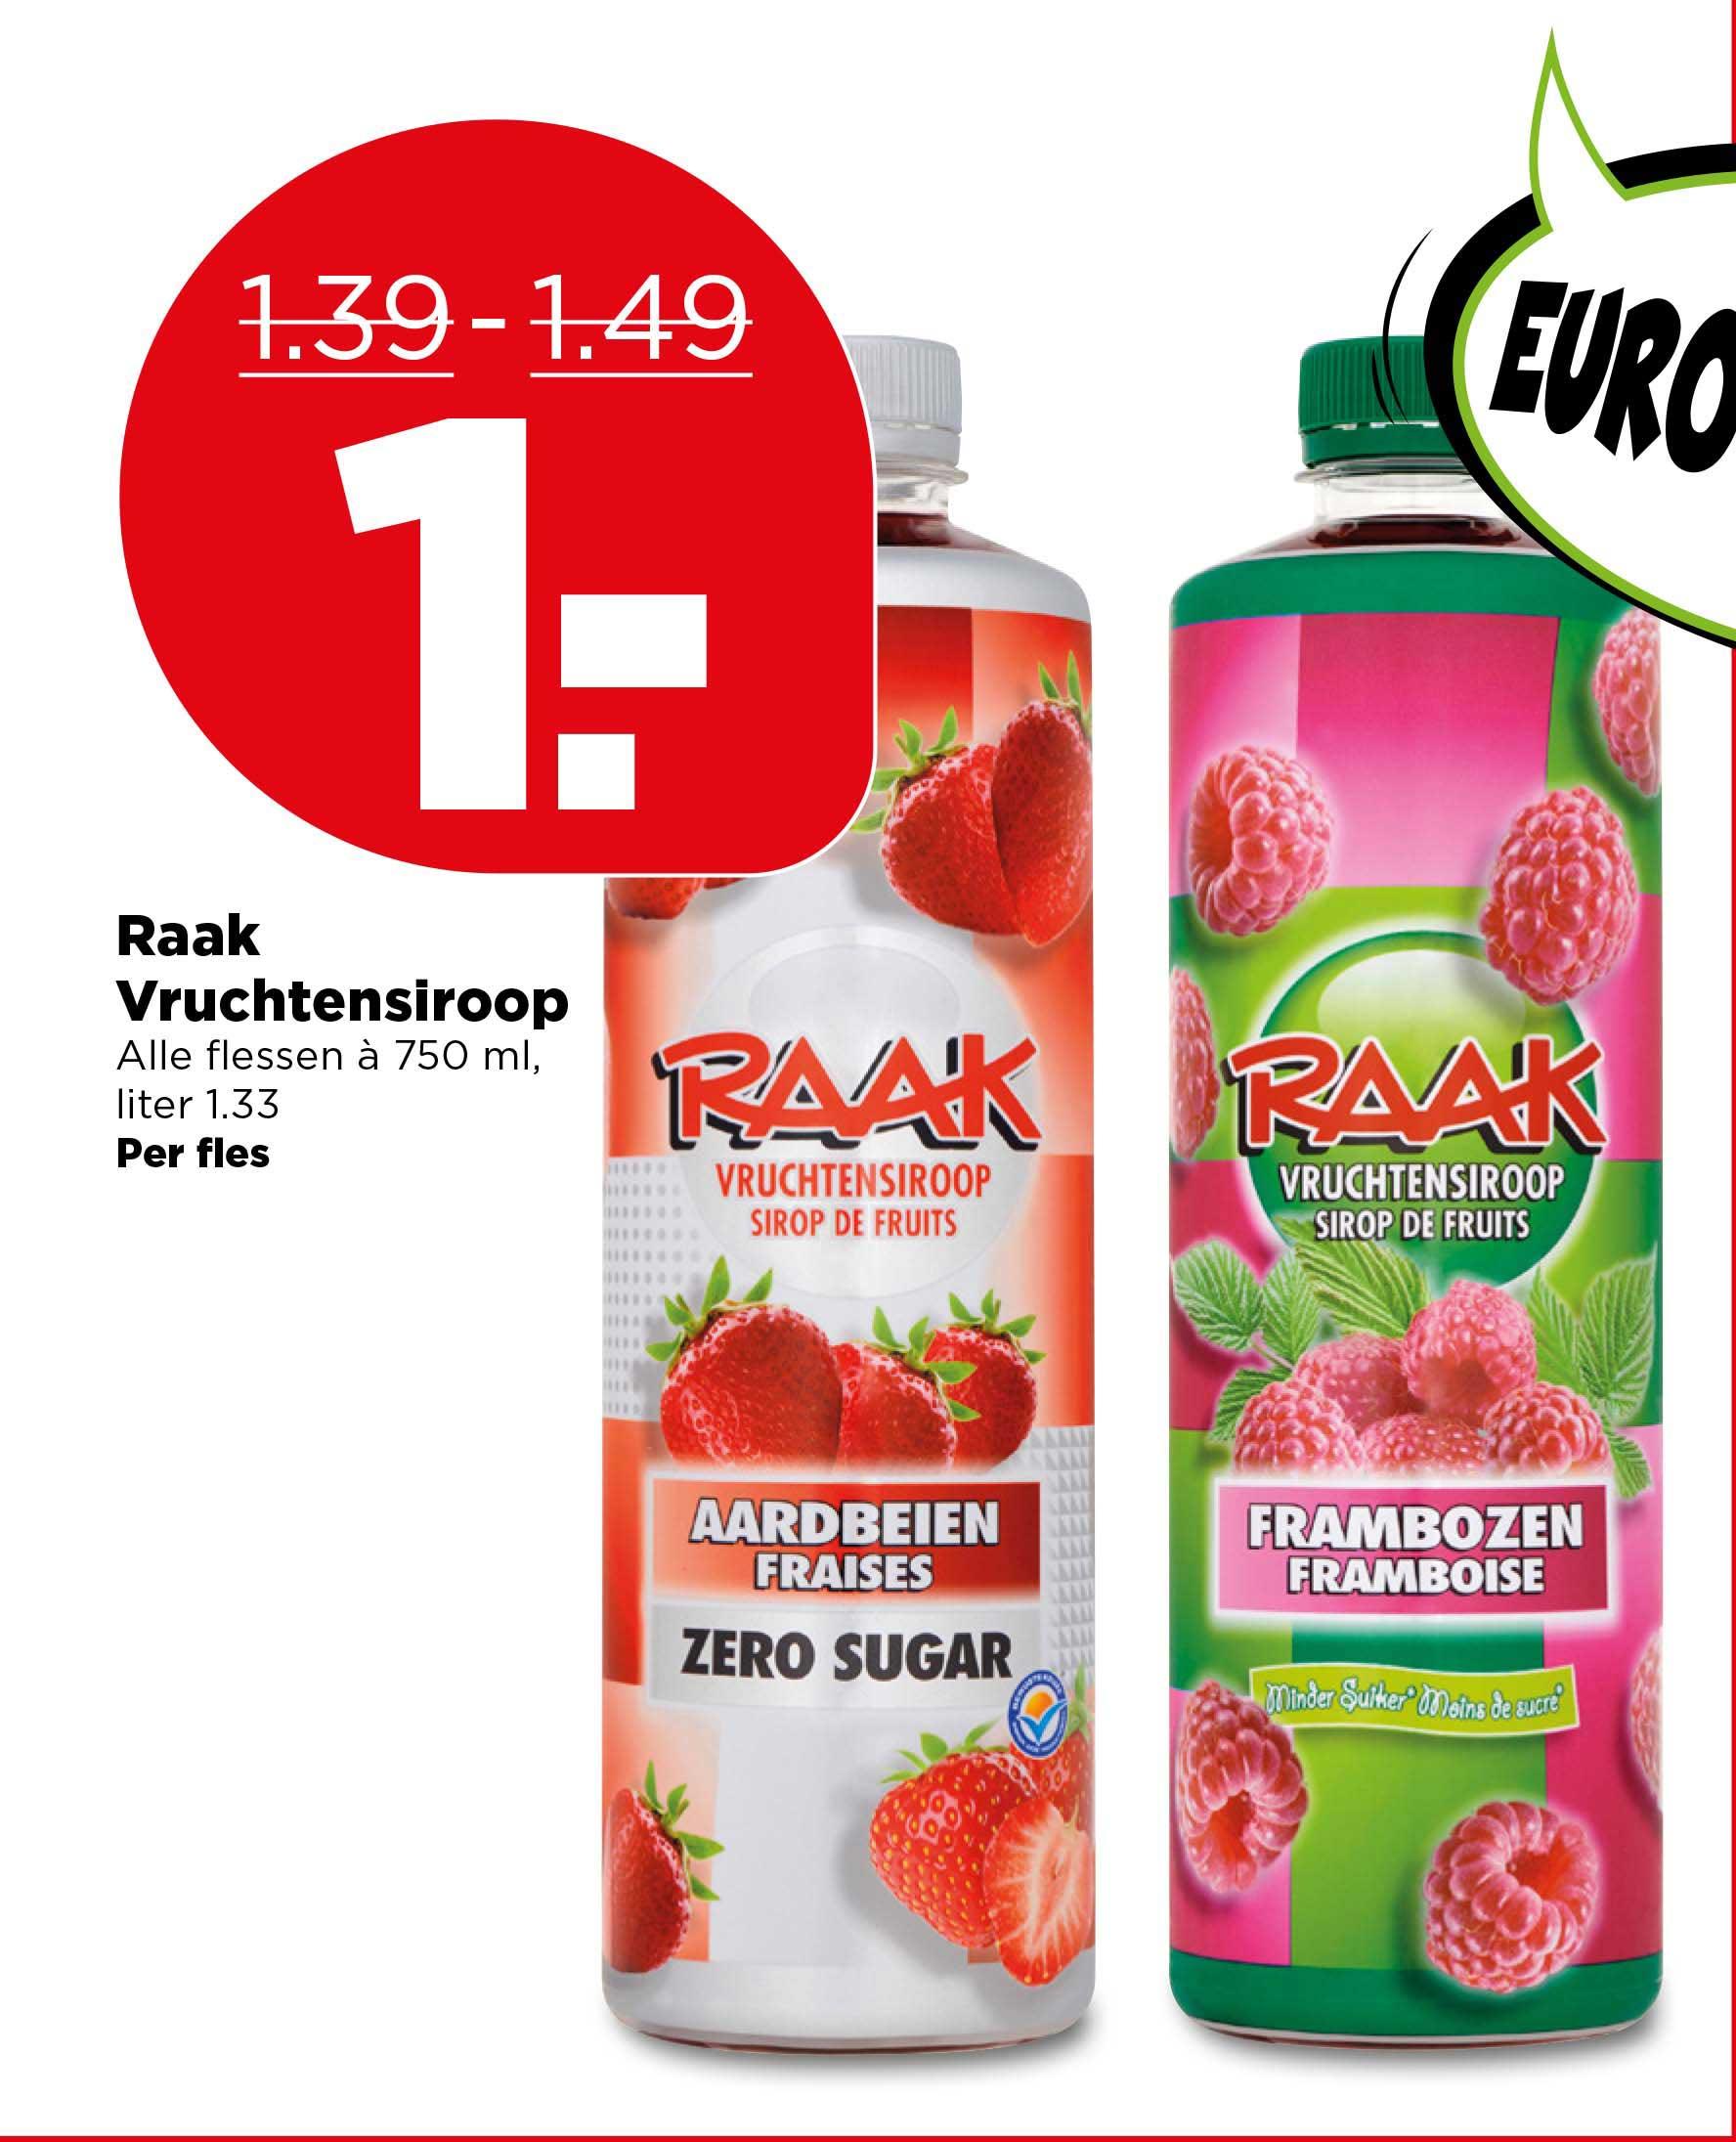 PLUS Raak Vruchtensiroop